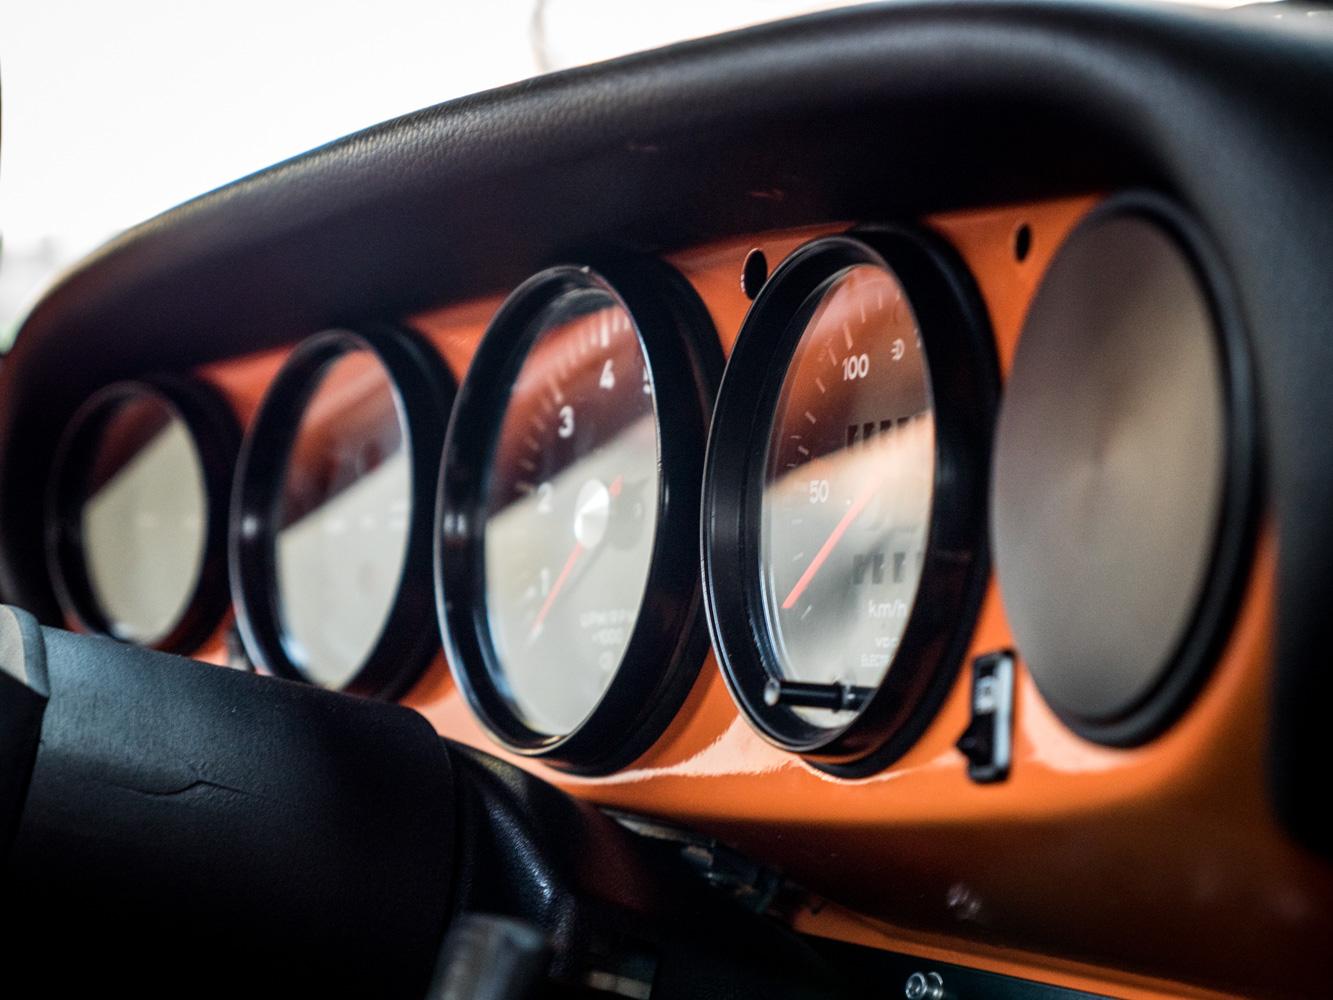 1969 Porsche 911 Carrera - 55.jpg.jpg